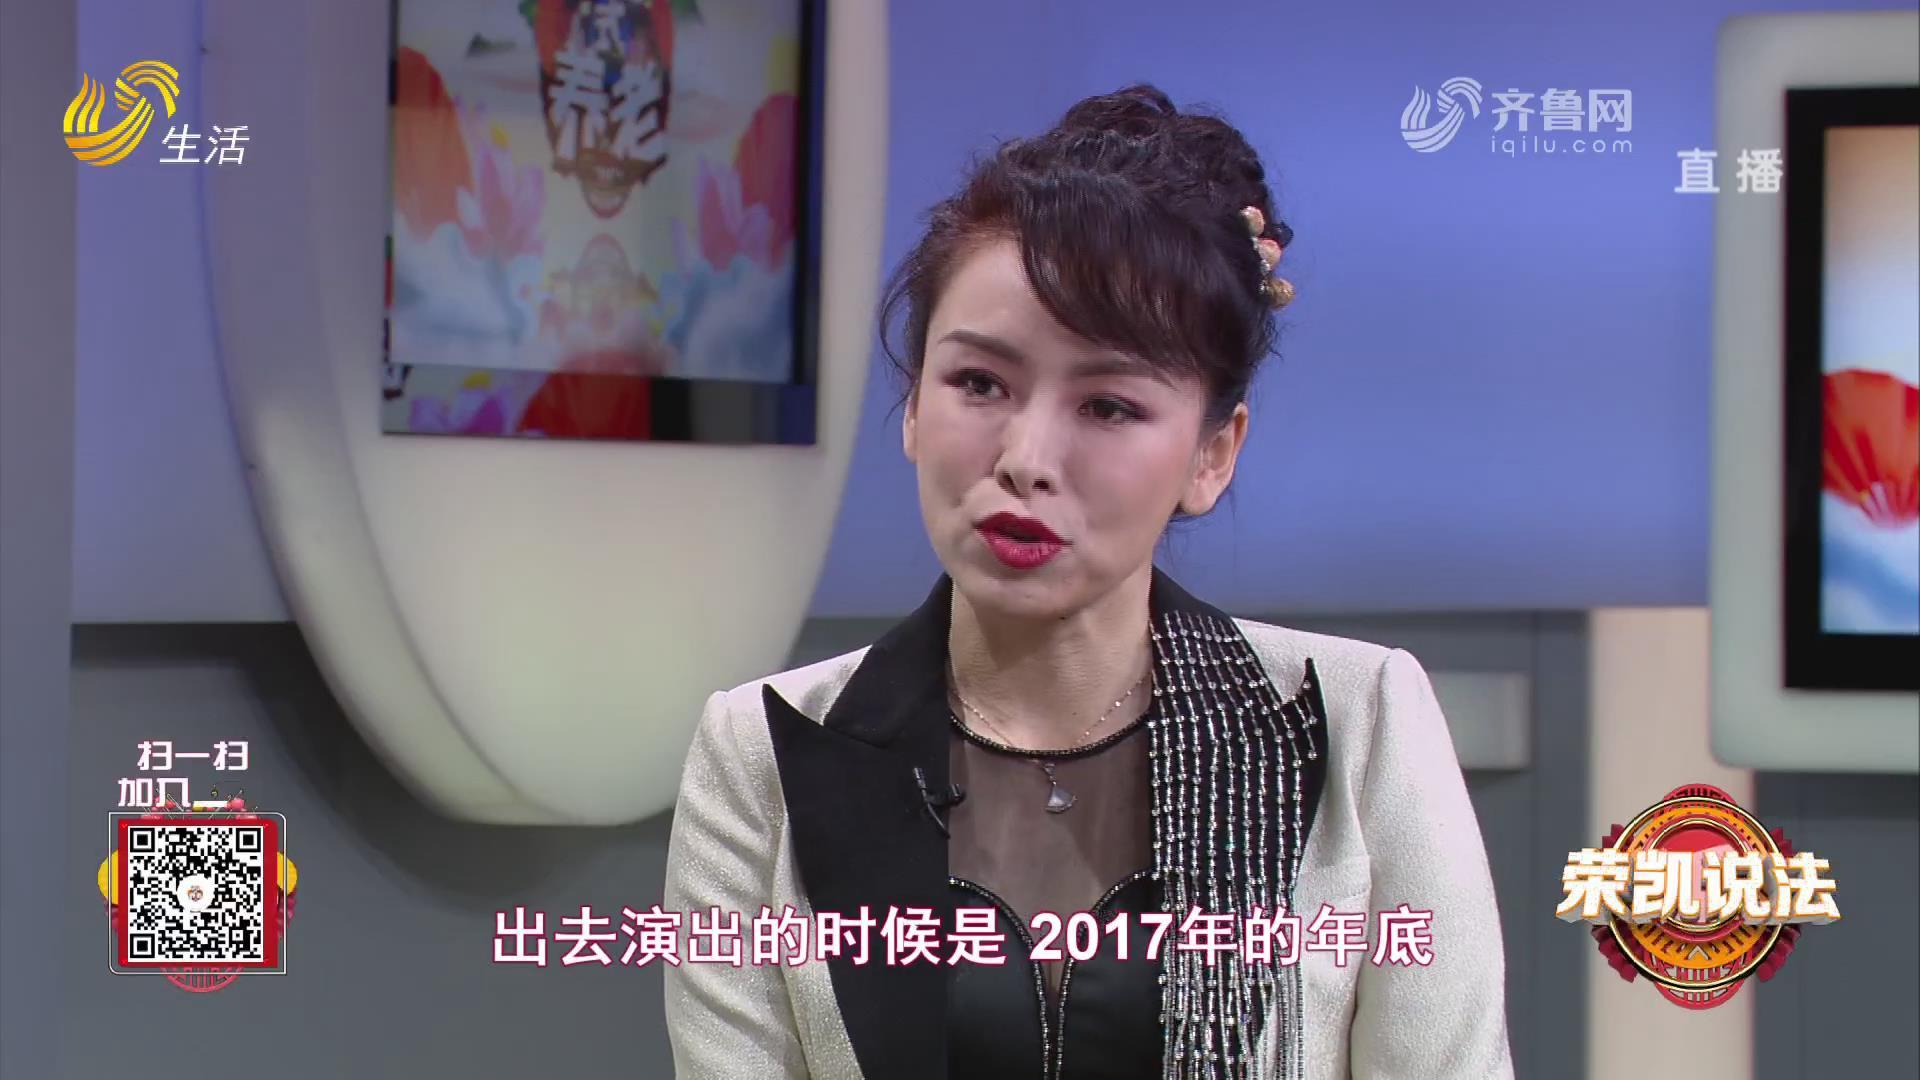 中國式養老-華彩麗仁藝術團:將氣質美學融入生活